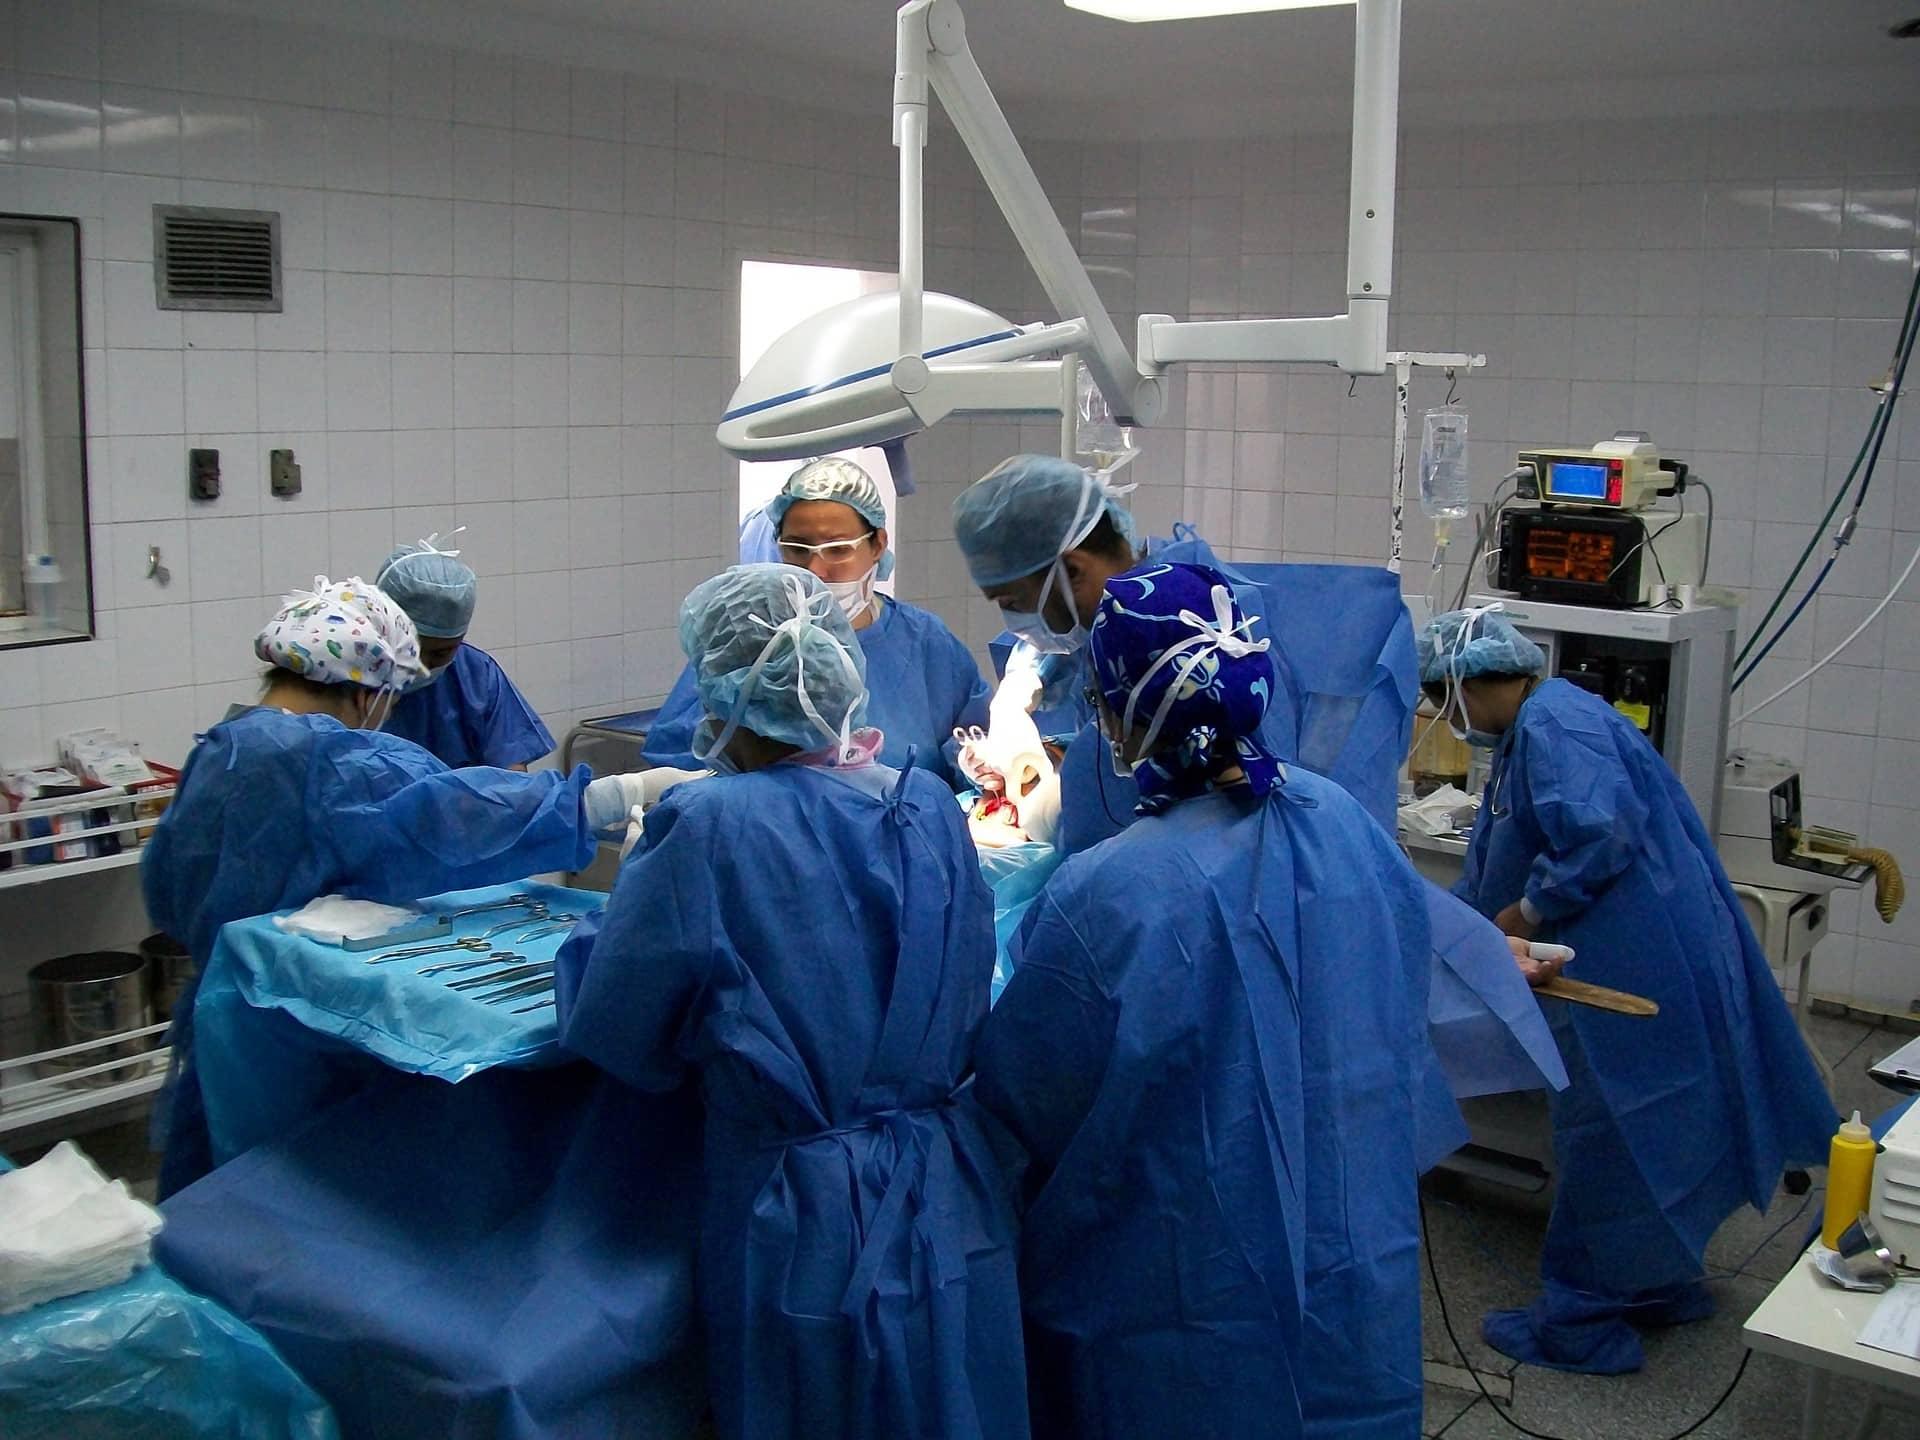 Краснодарские хирурги сохранили от ампутации ногу пациентки с тяжёлой травмой